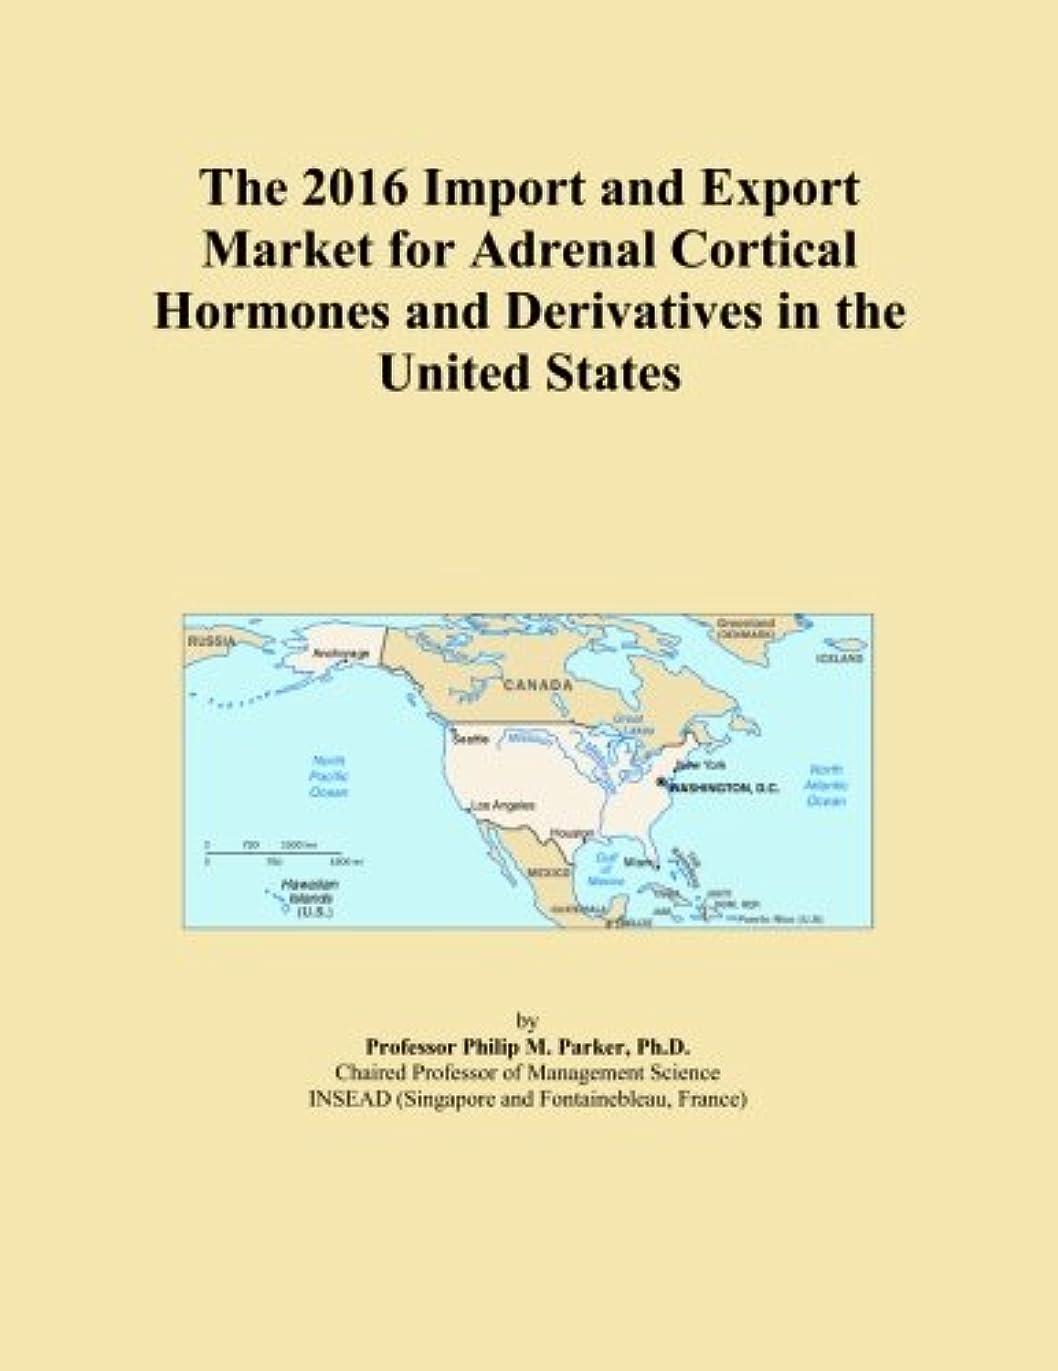 バックグラウンド息切れ選択するThe 2016 Import and Export Market for Adrenal Cortical Hormones and Derivatives in the United States